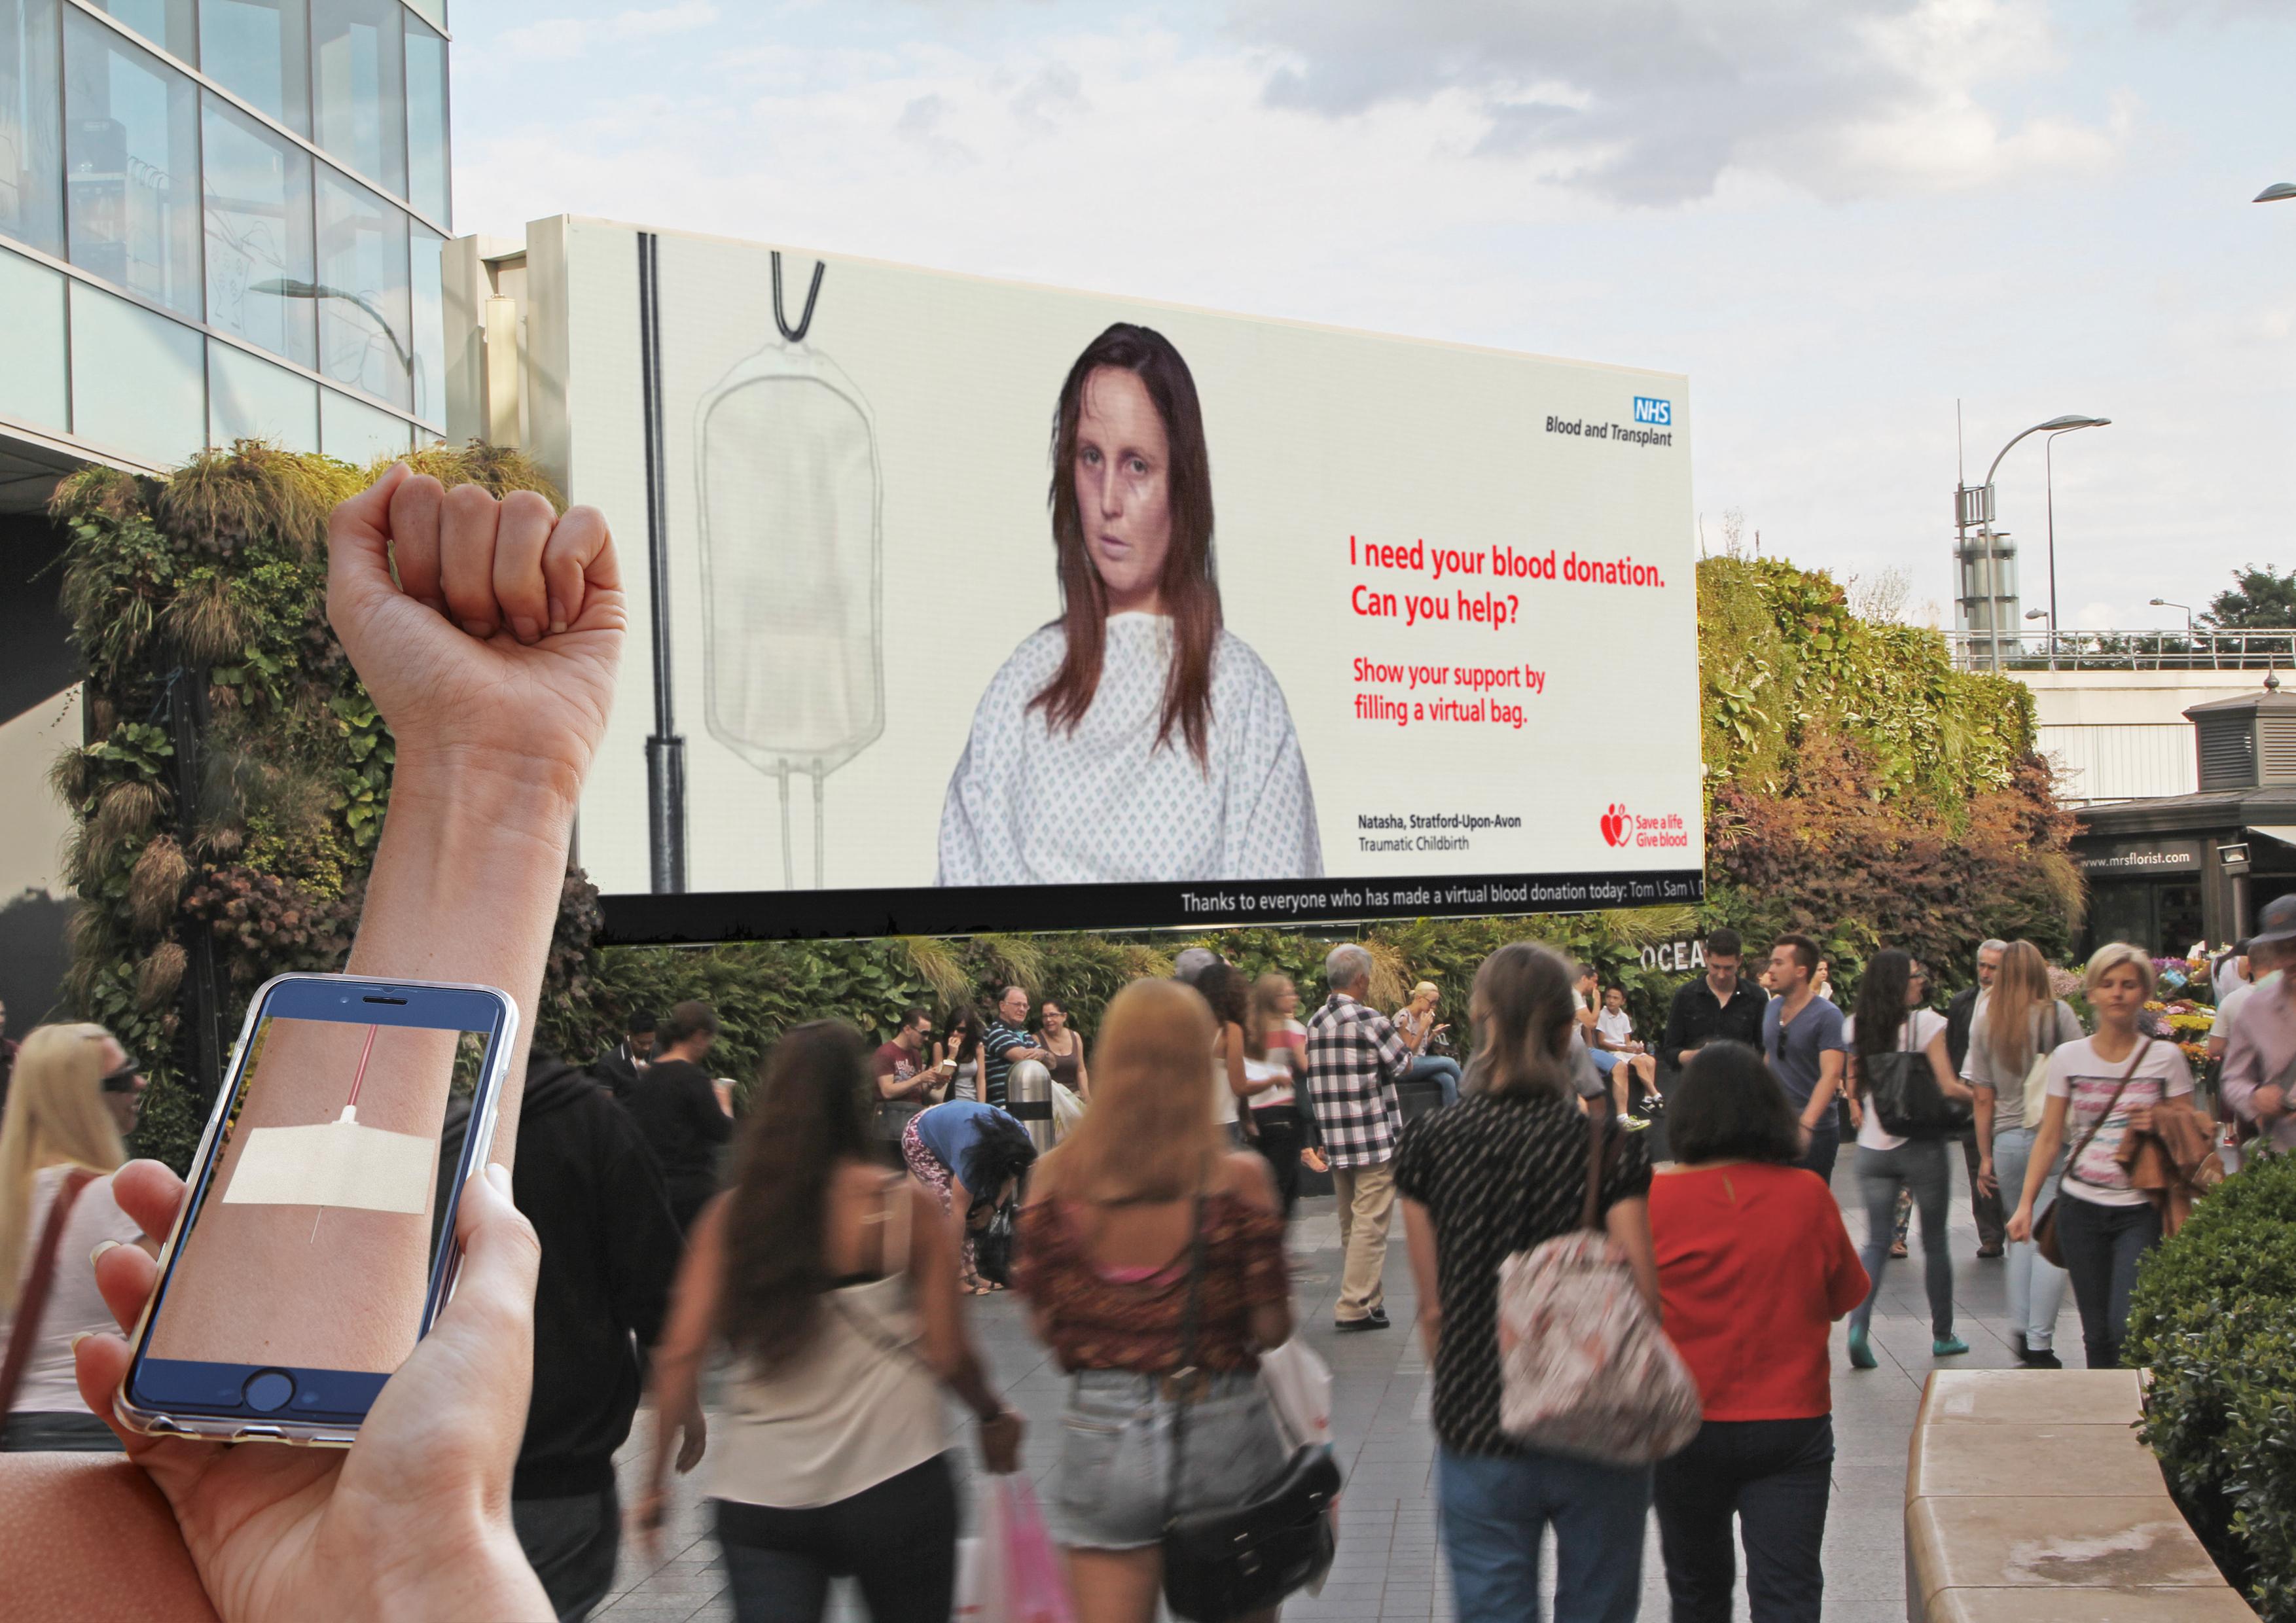 Kampania angielskiej publicznej służby krwi